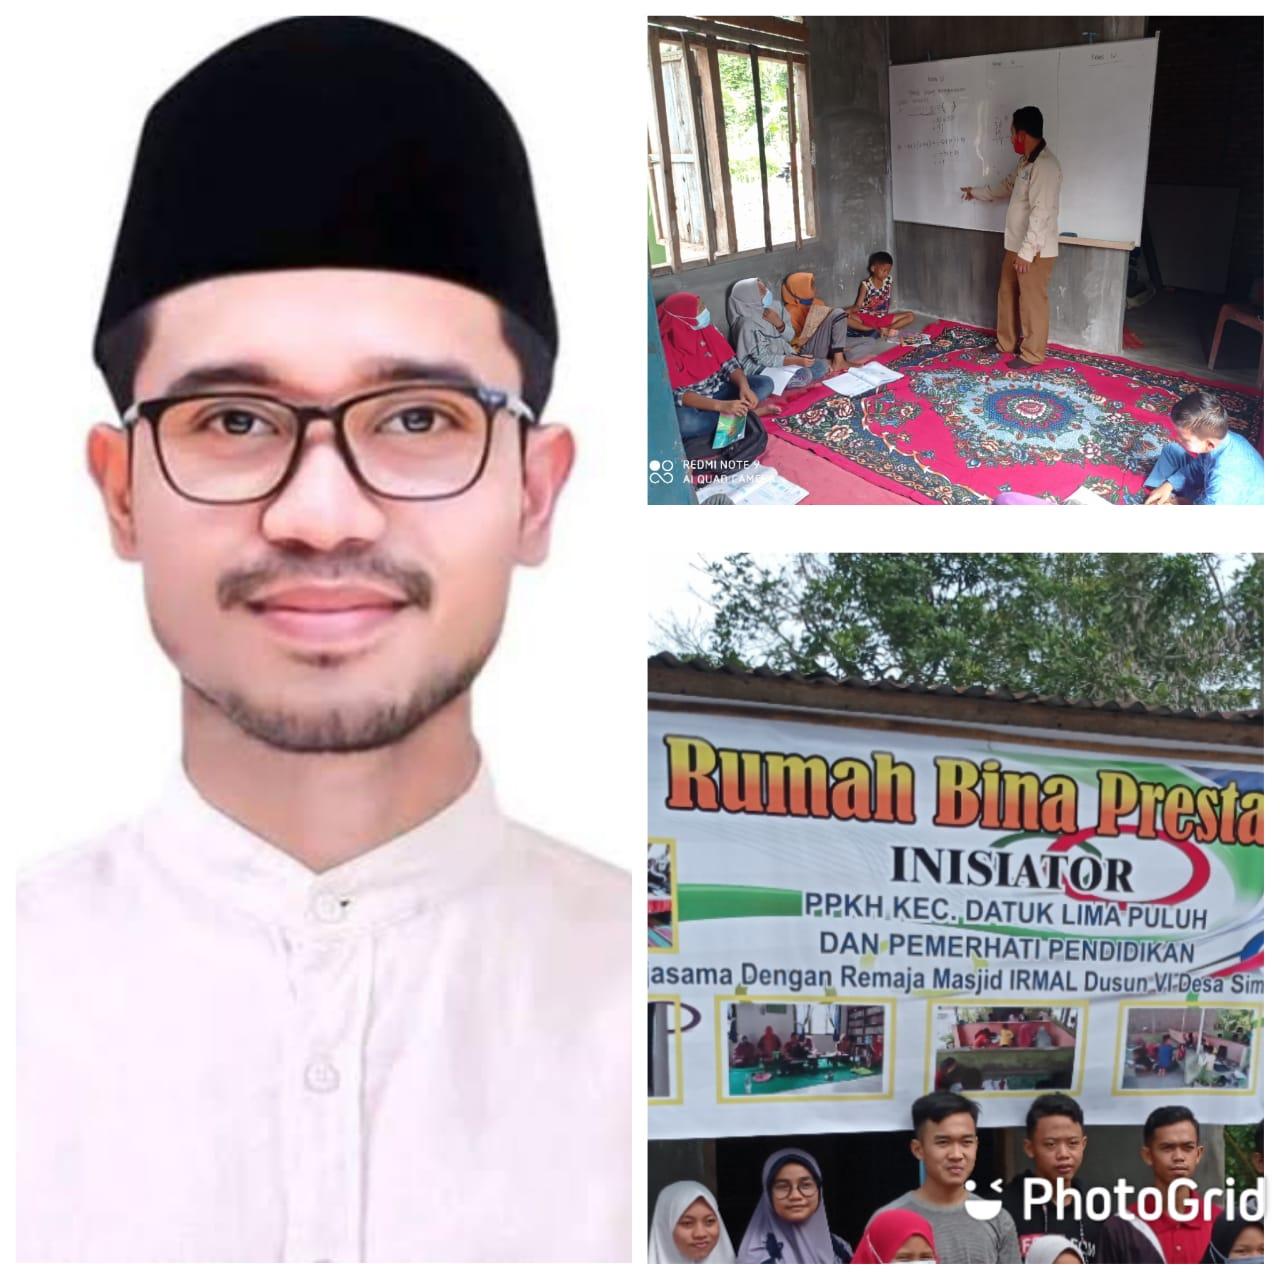 Anggota DPRD Andi Lestari, SKG Bantu Rumah Bina Prestasi PKH Batu Bara